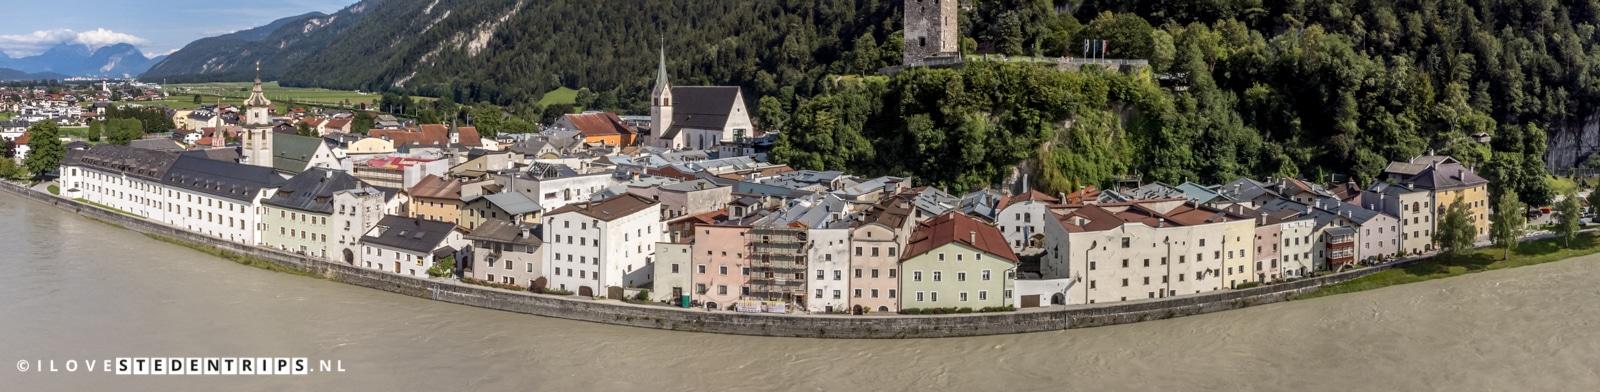 Luchtfoto Rattenberg Oostenrijk